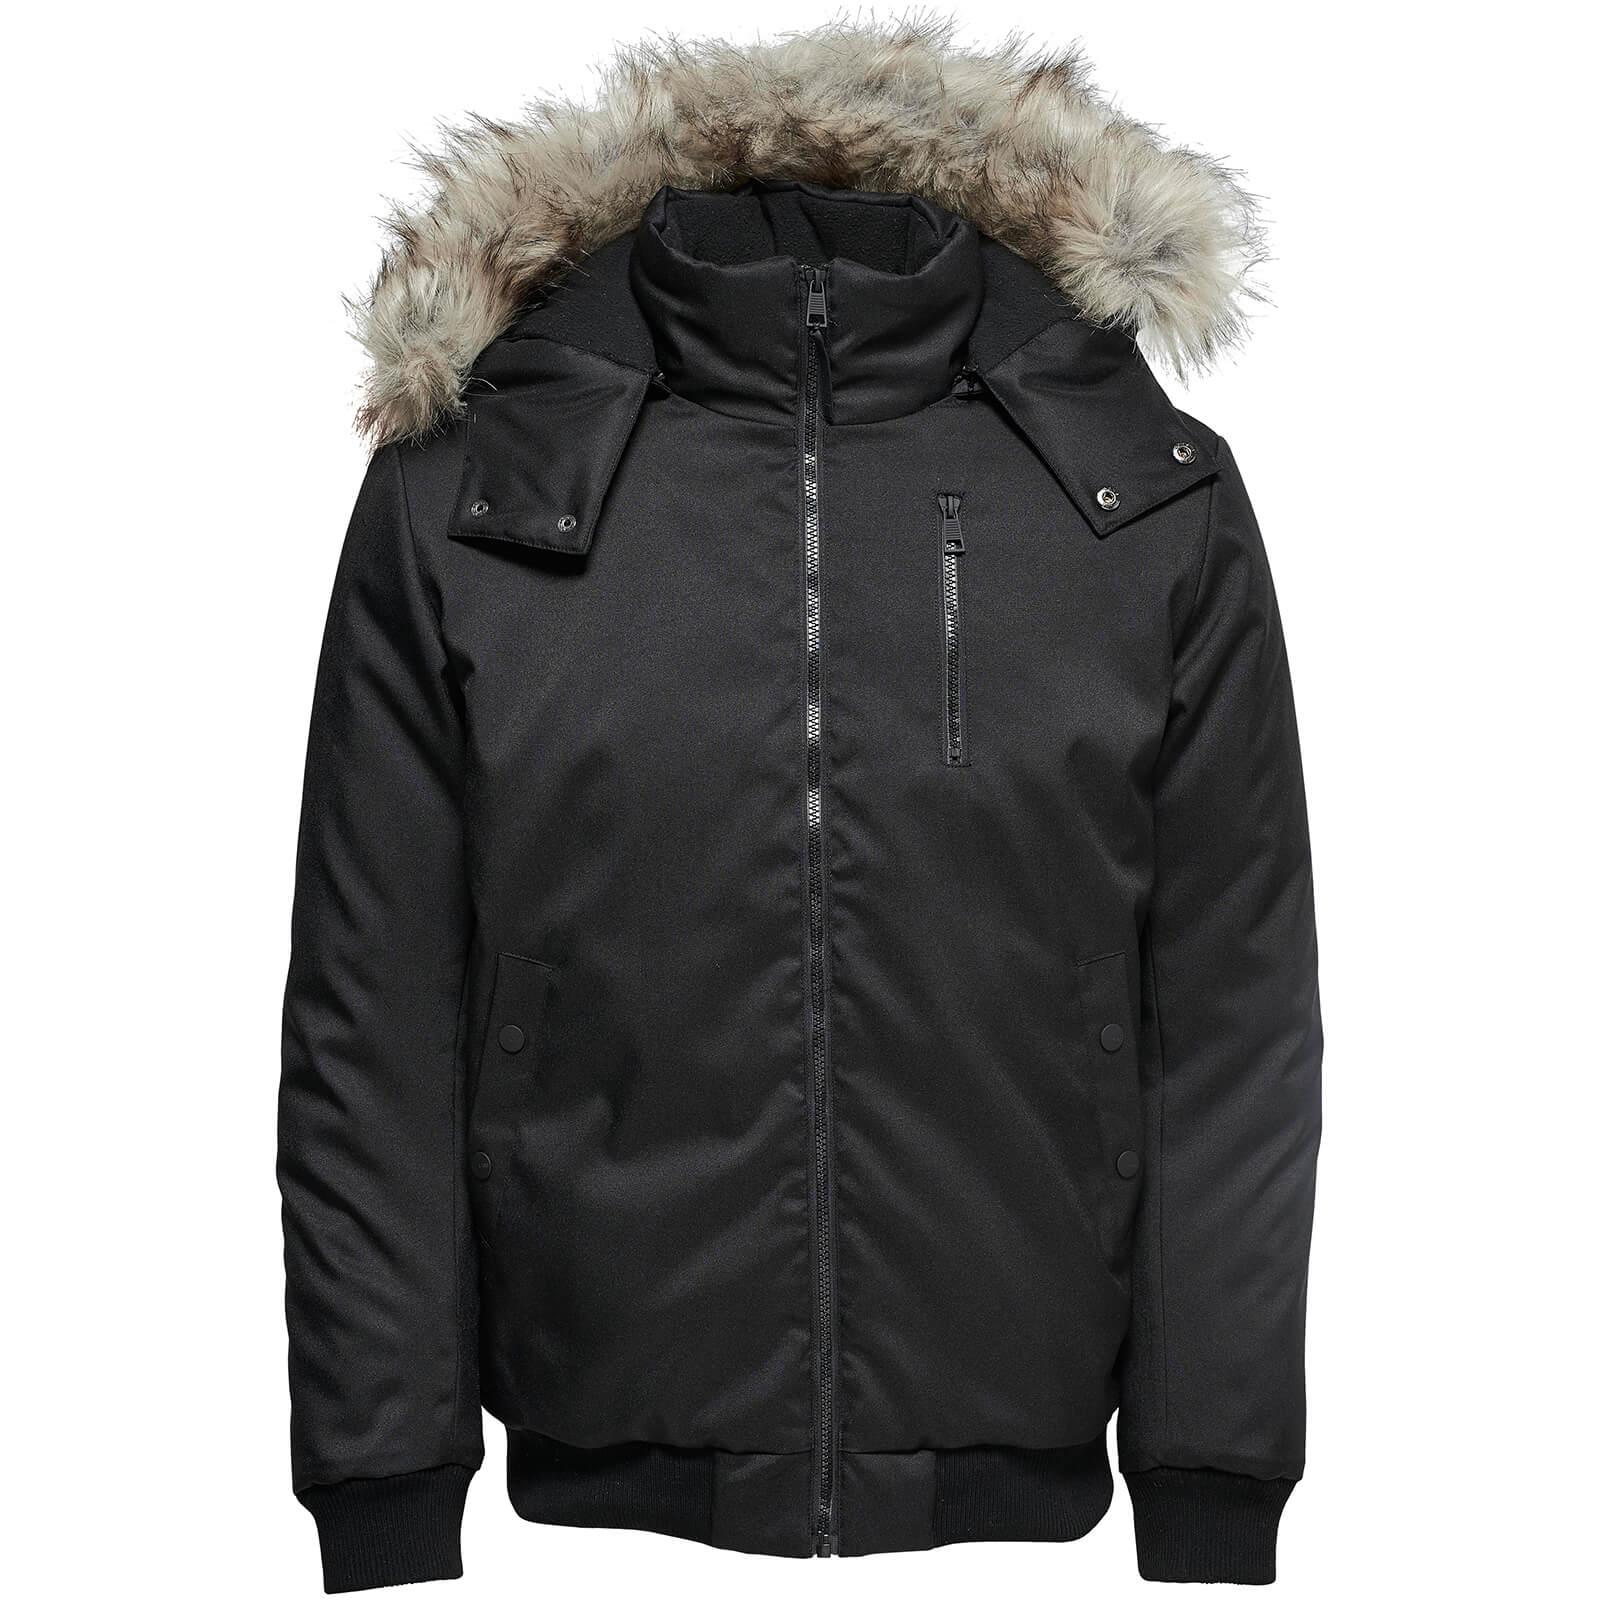 28a8d81c7a1 Only & Sons Men's Stanny Padded Bomber Jacket - Black Clothing   Zavvi